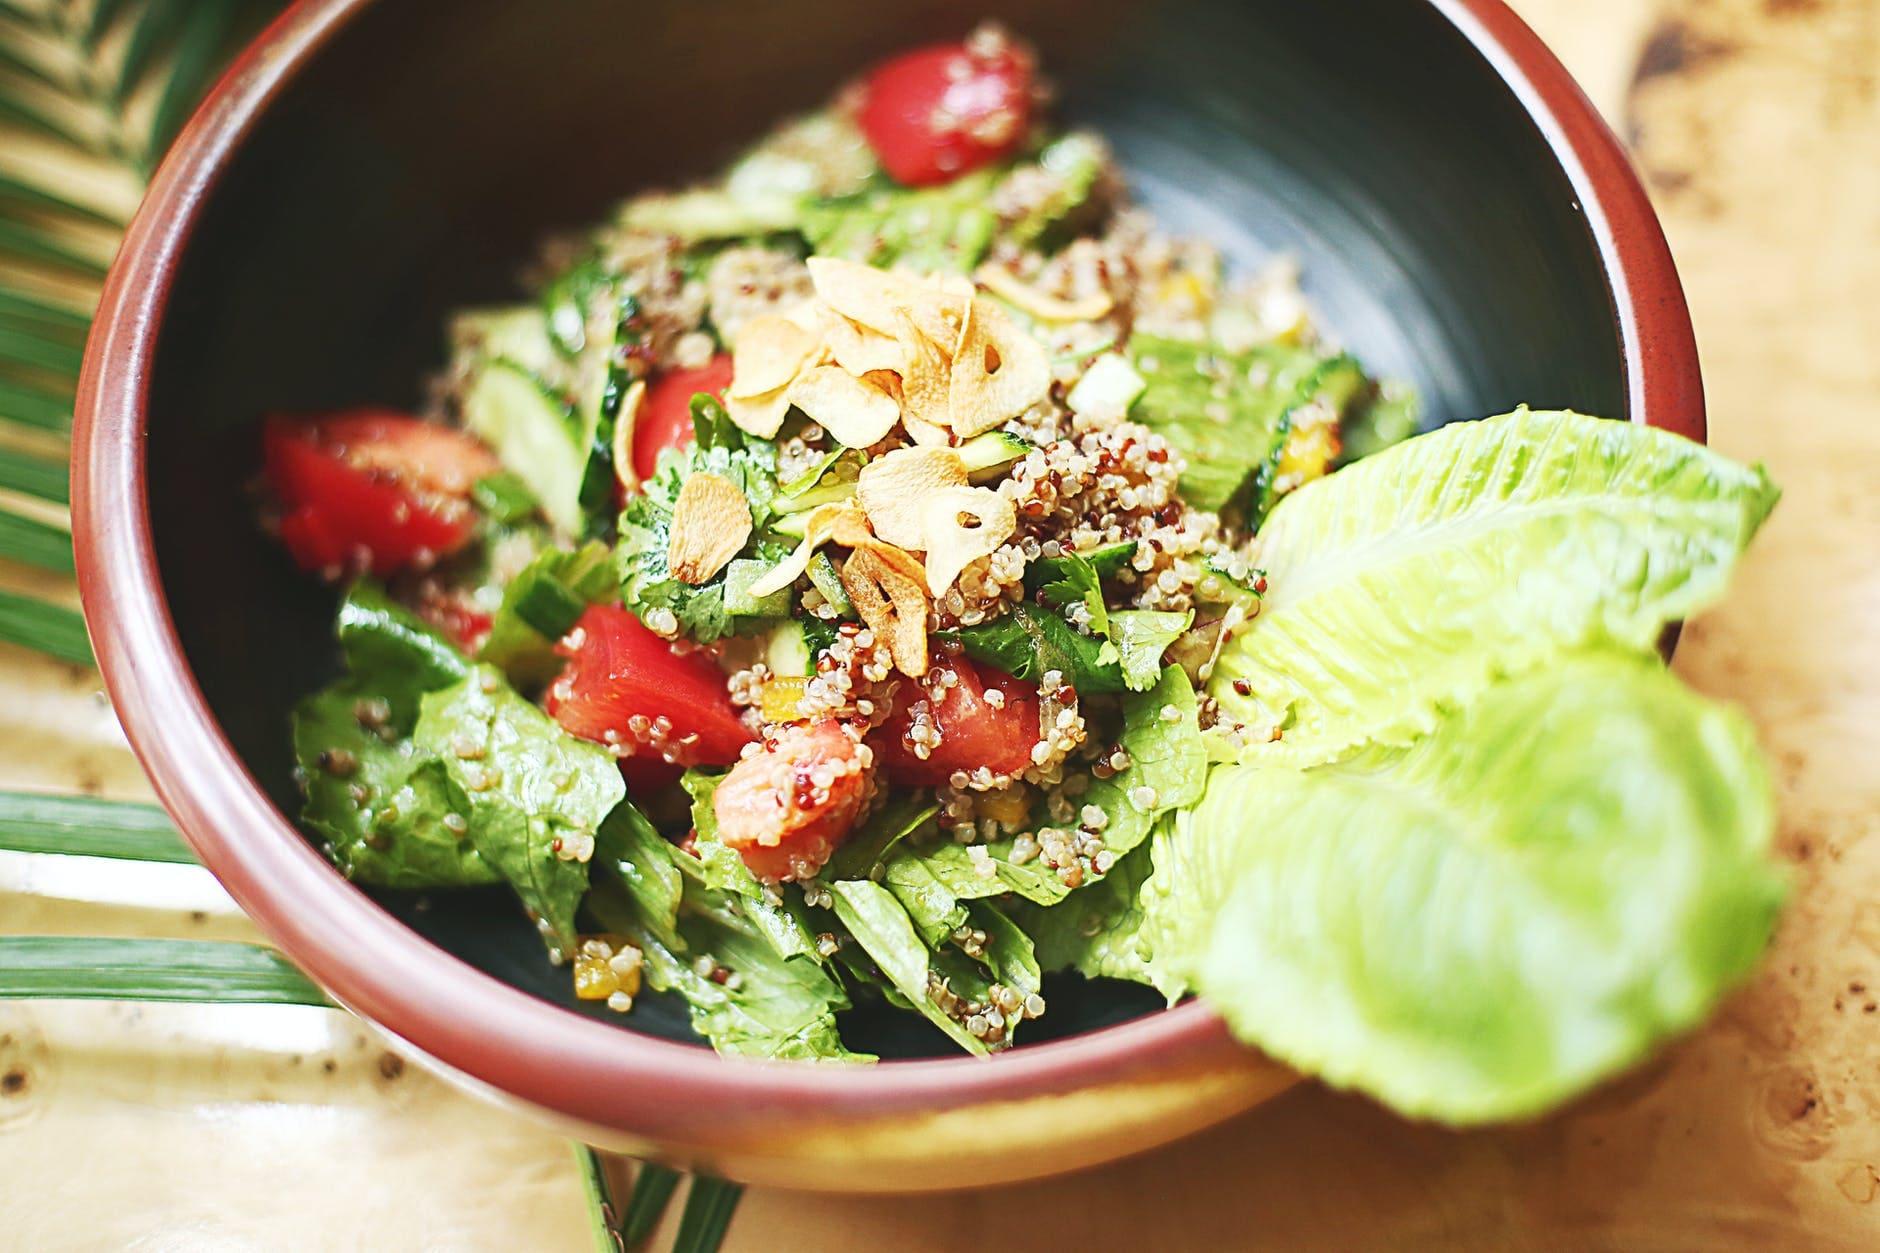 How to make a wonder lentil salad